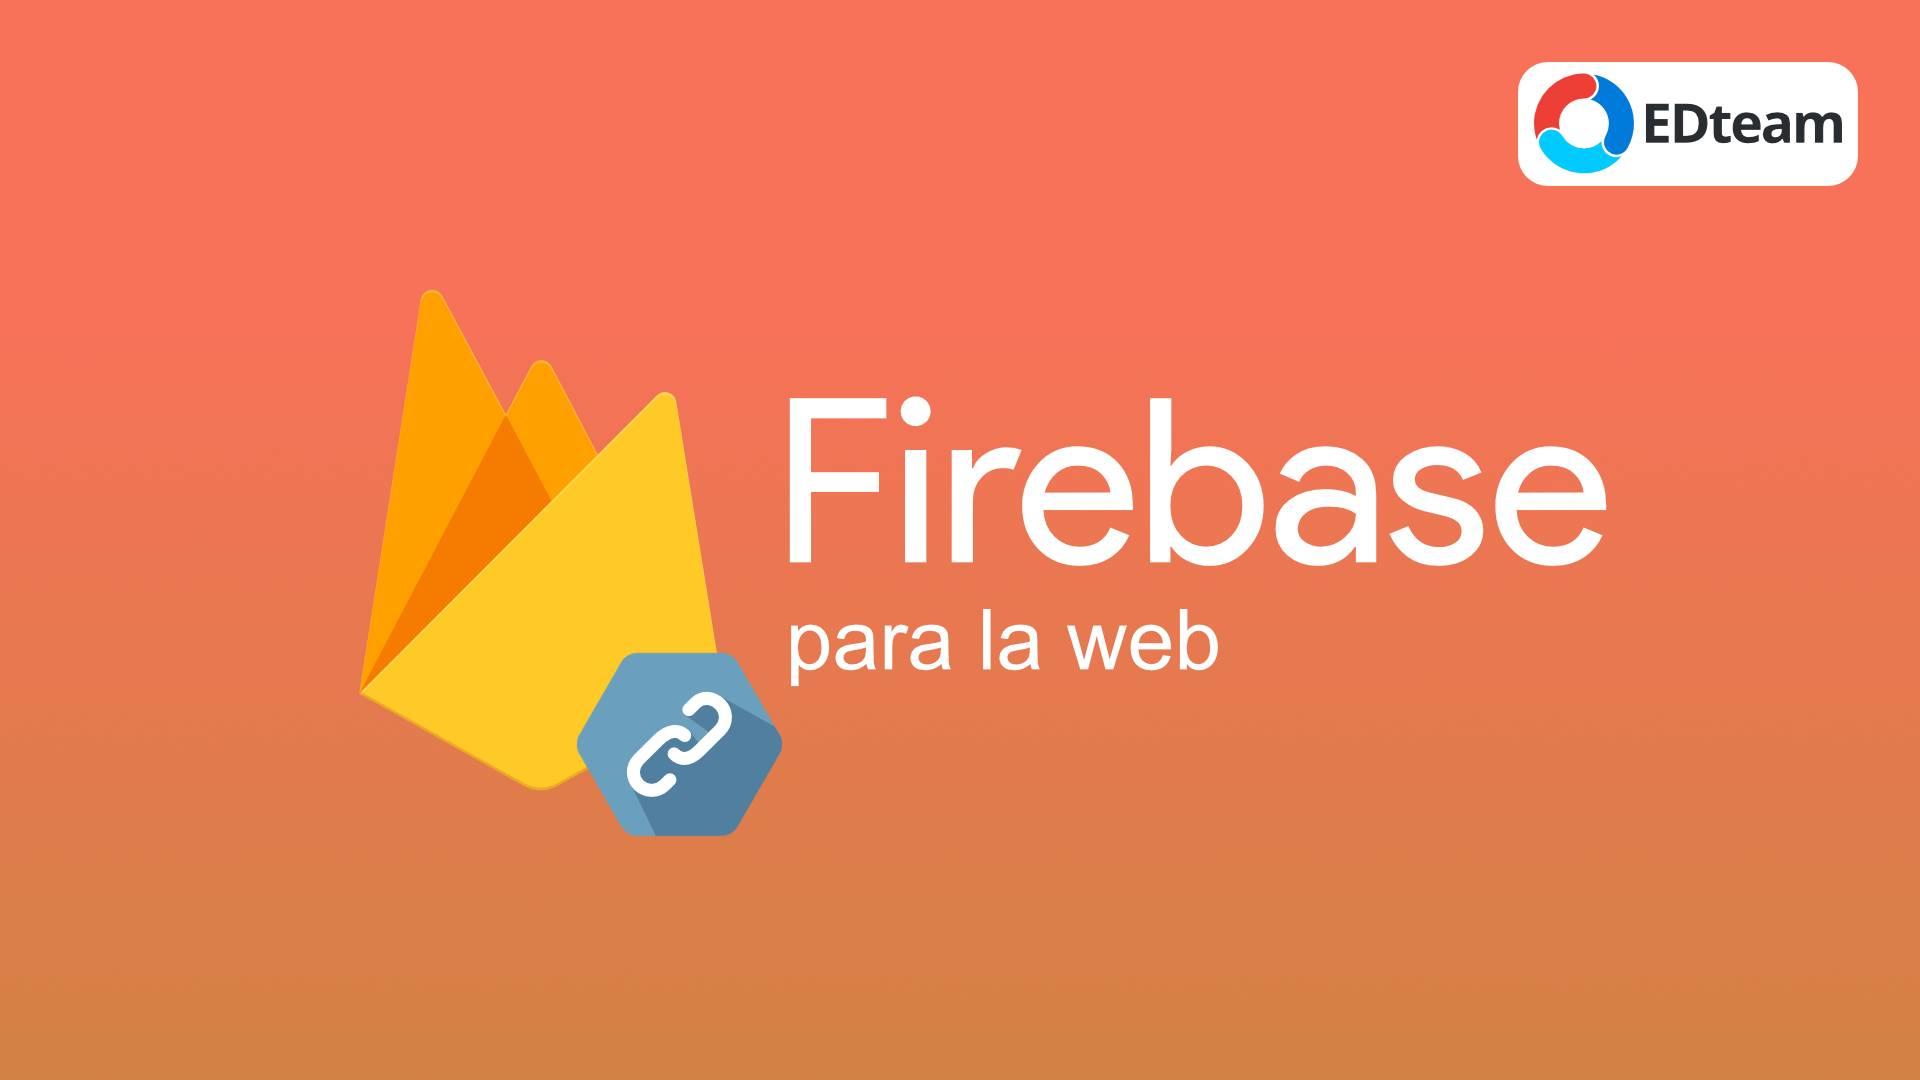 Firebase para la web